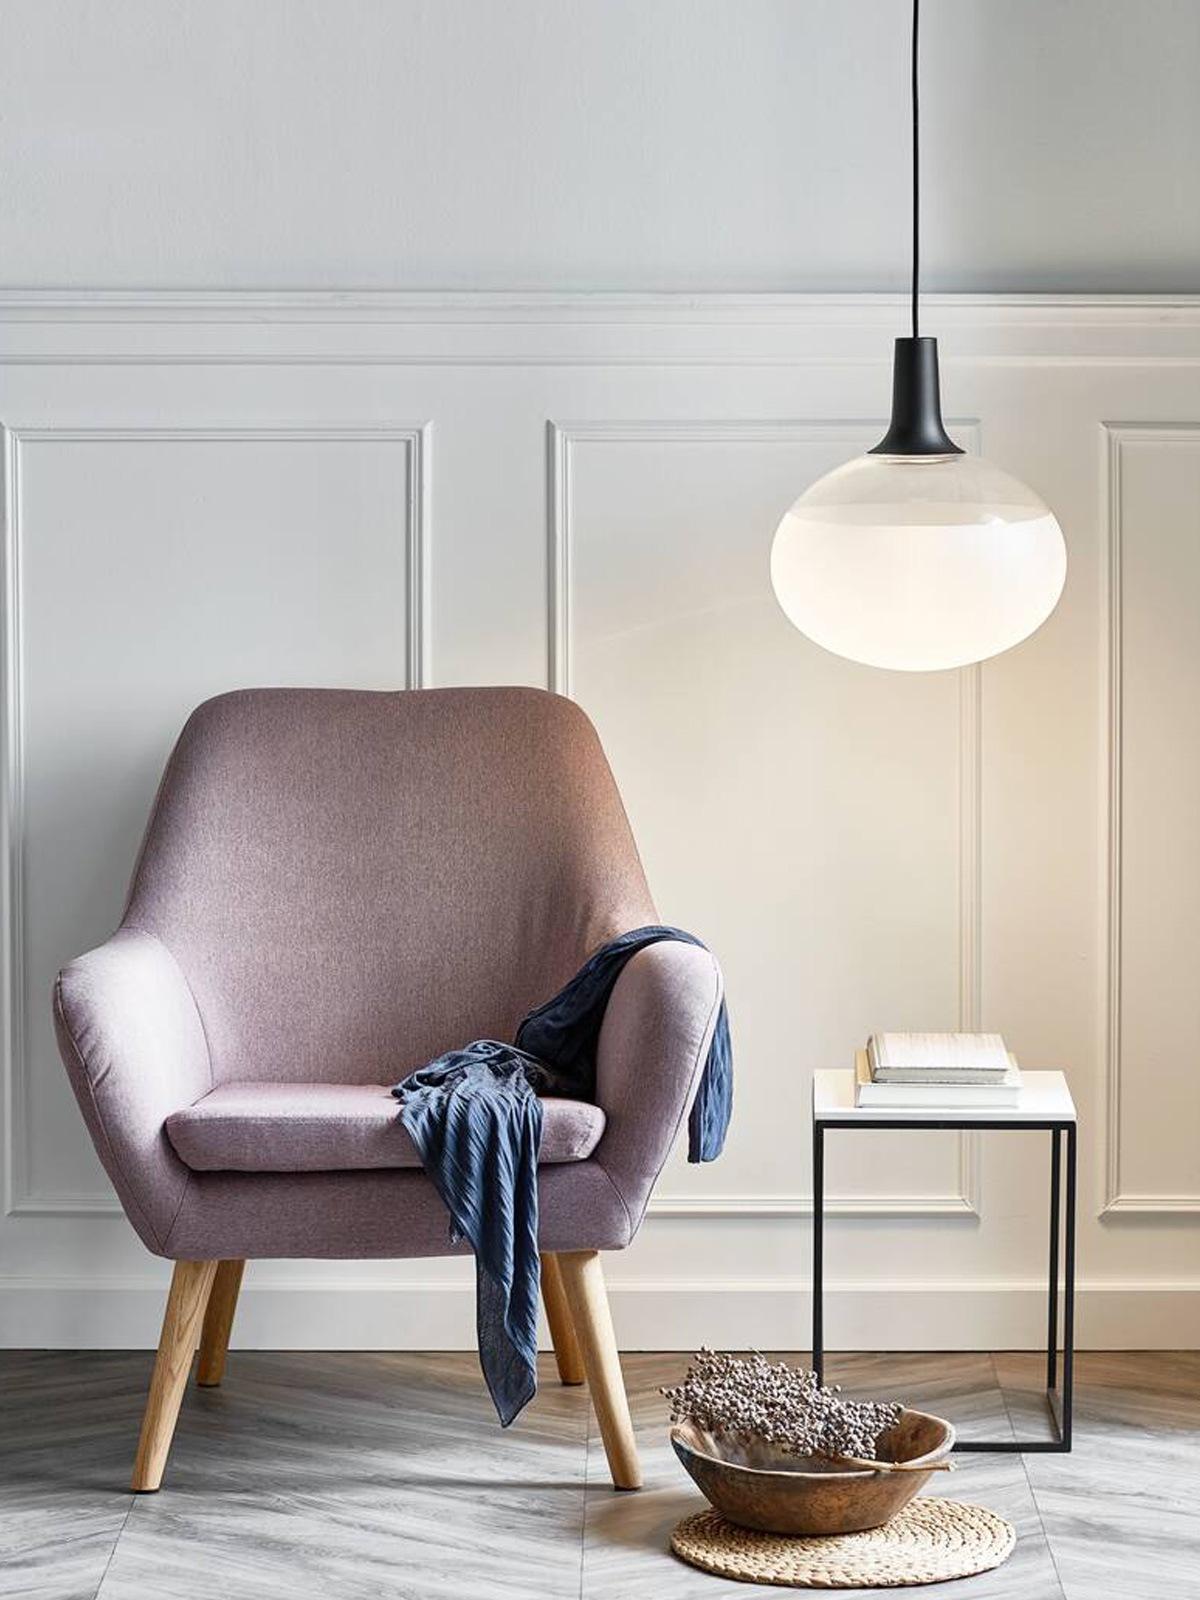 Dee 2.0 Glasleuchte von Design for the People by Nordlux skandinavisch Leuchten